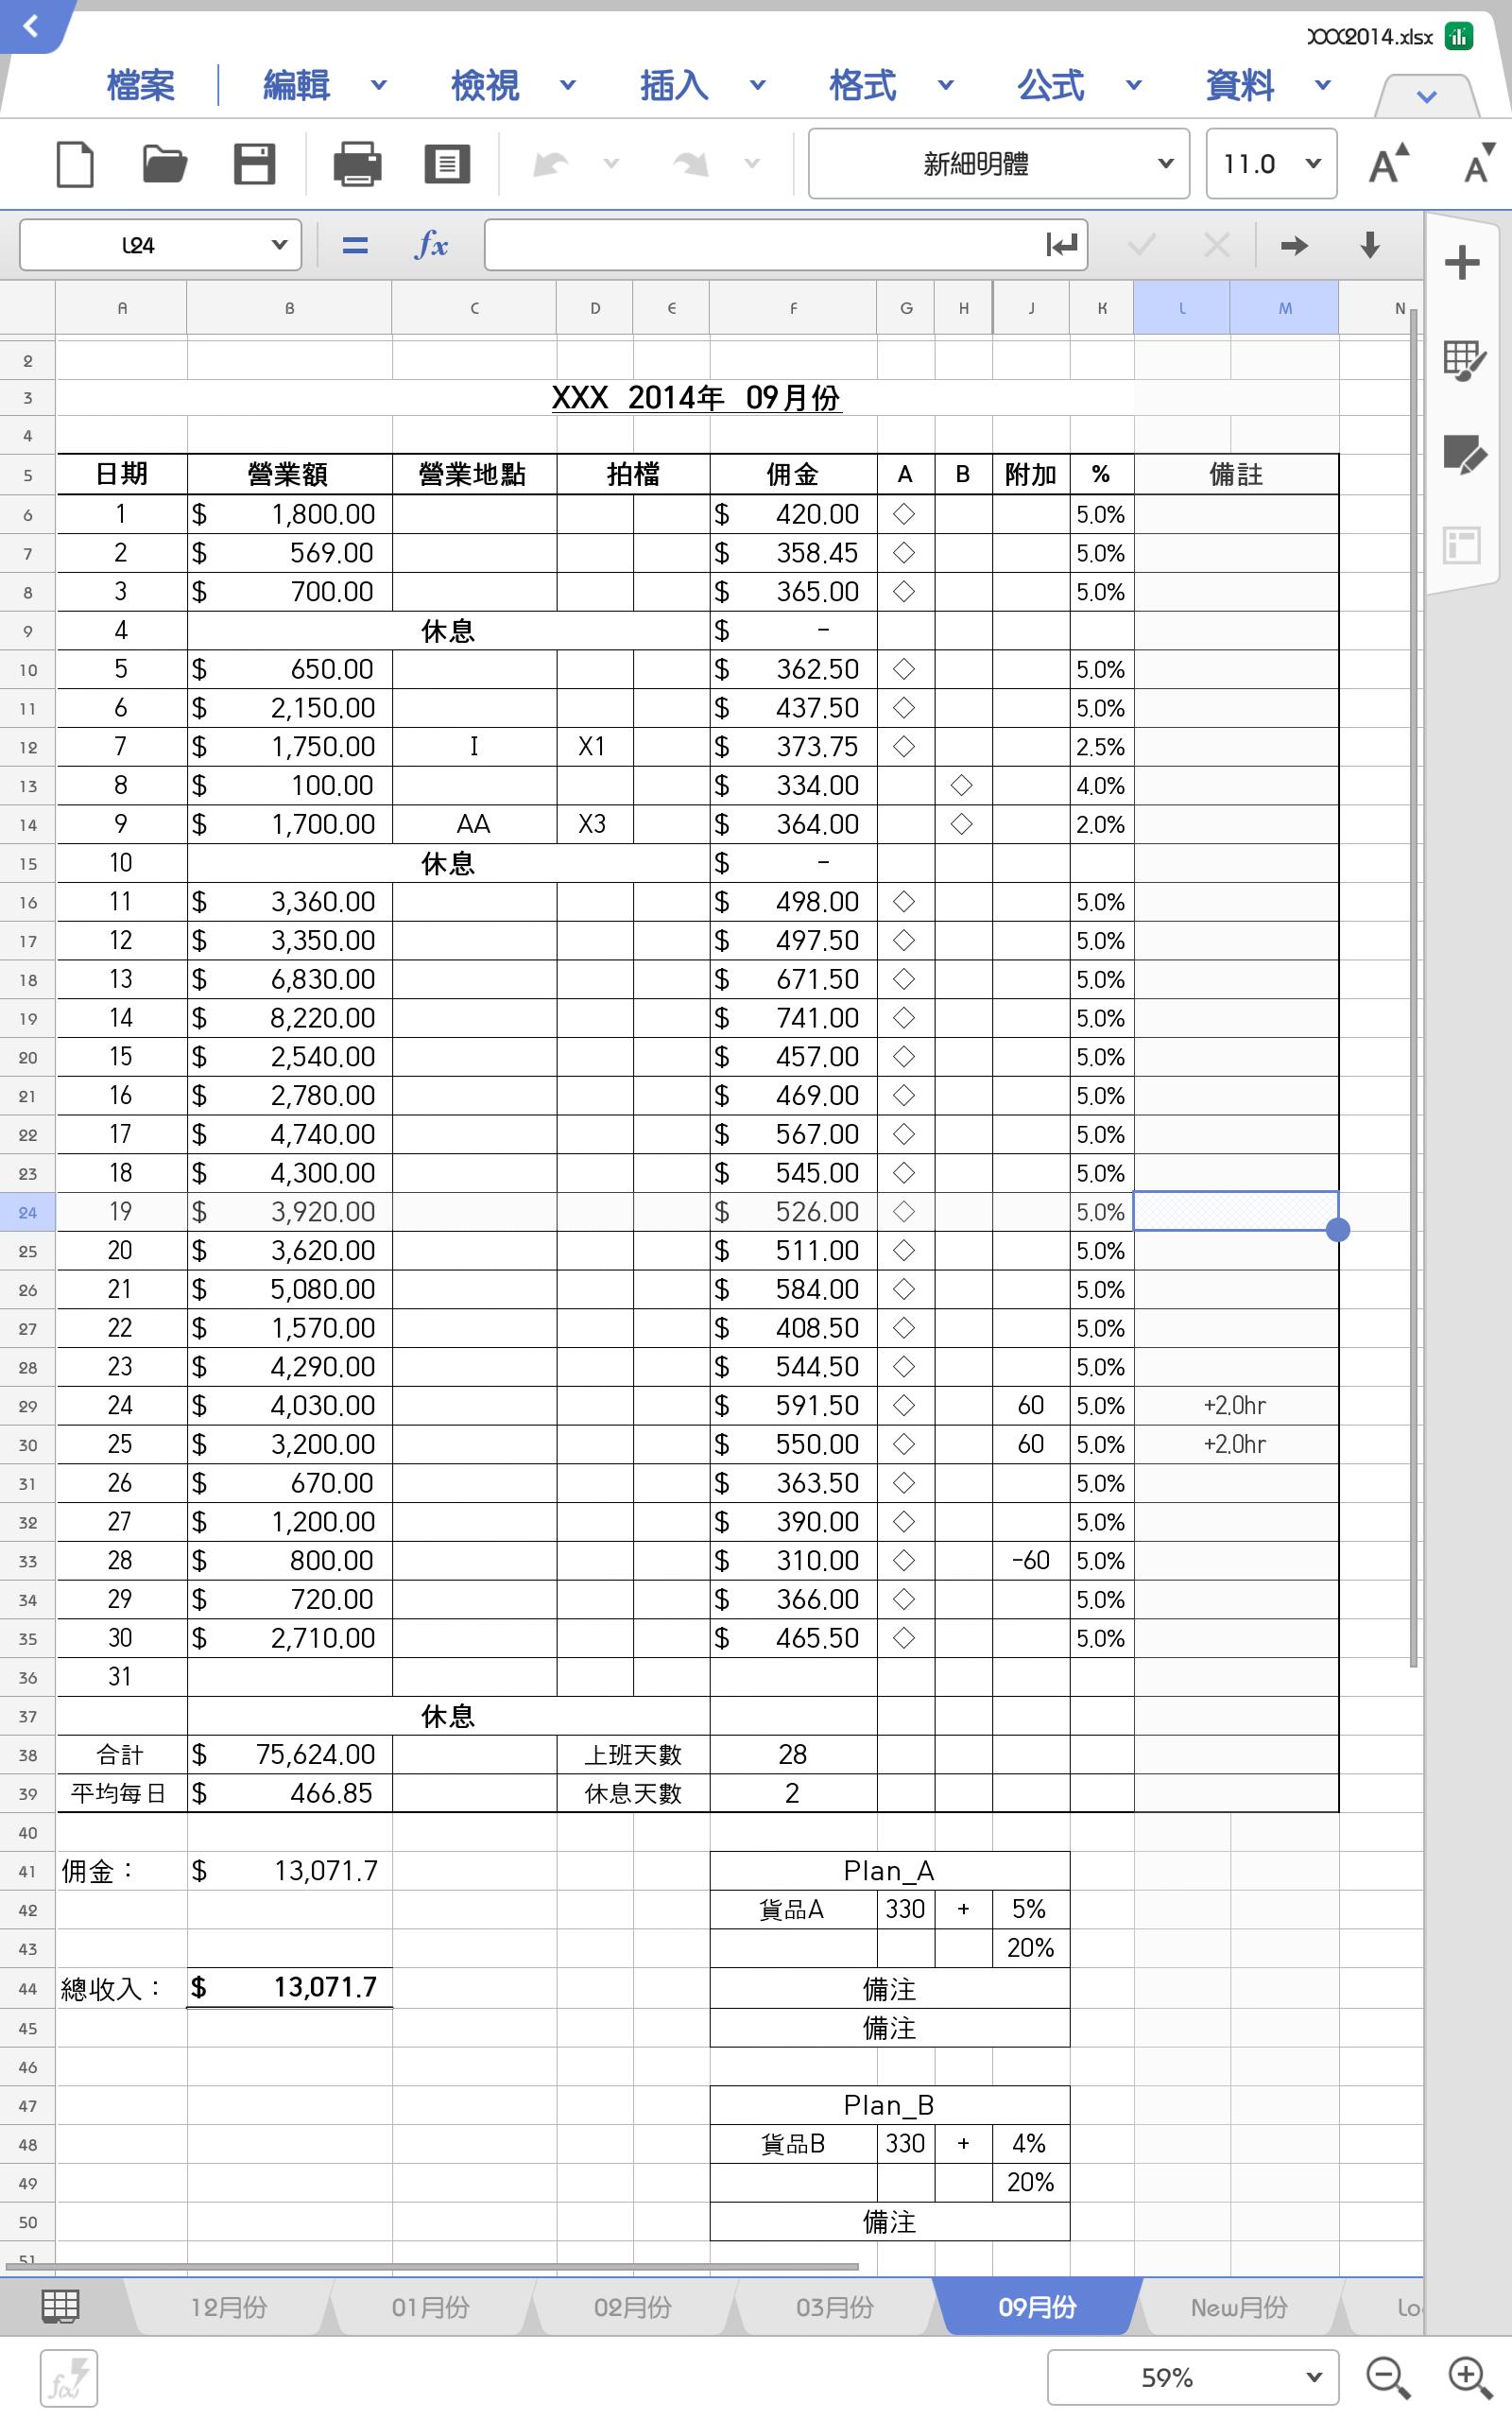 傭金計算表_a | 漫金遊